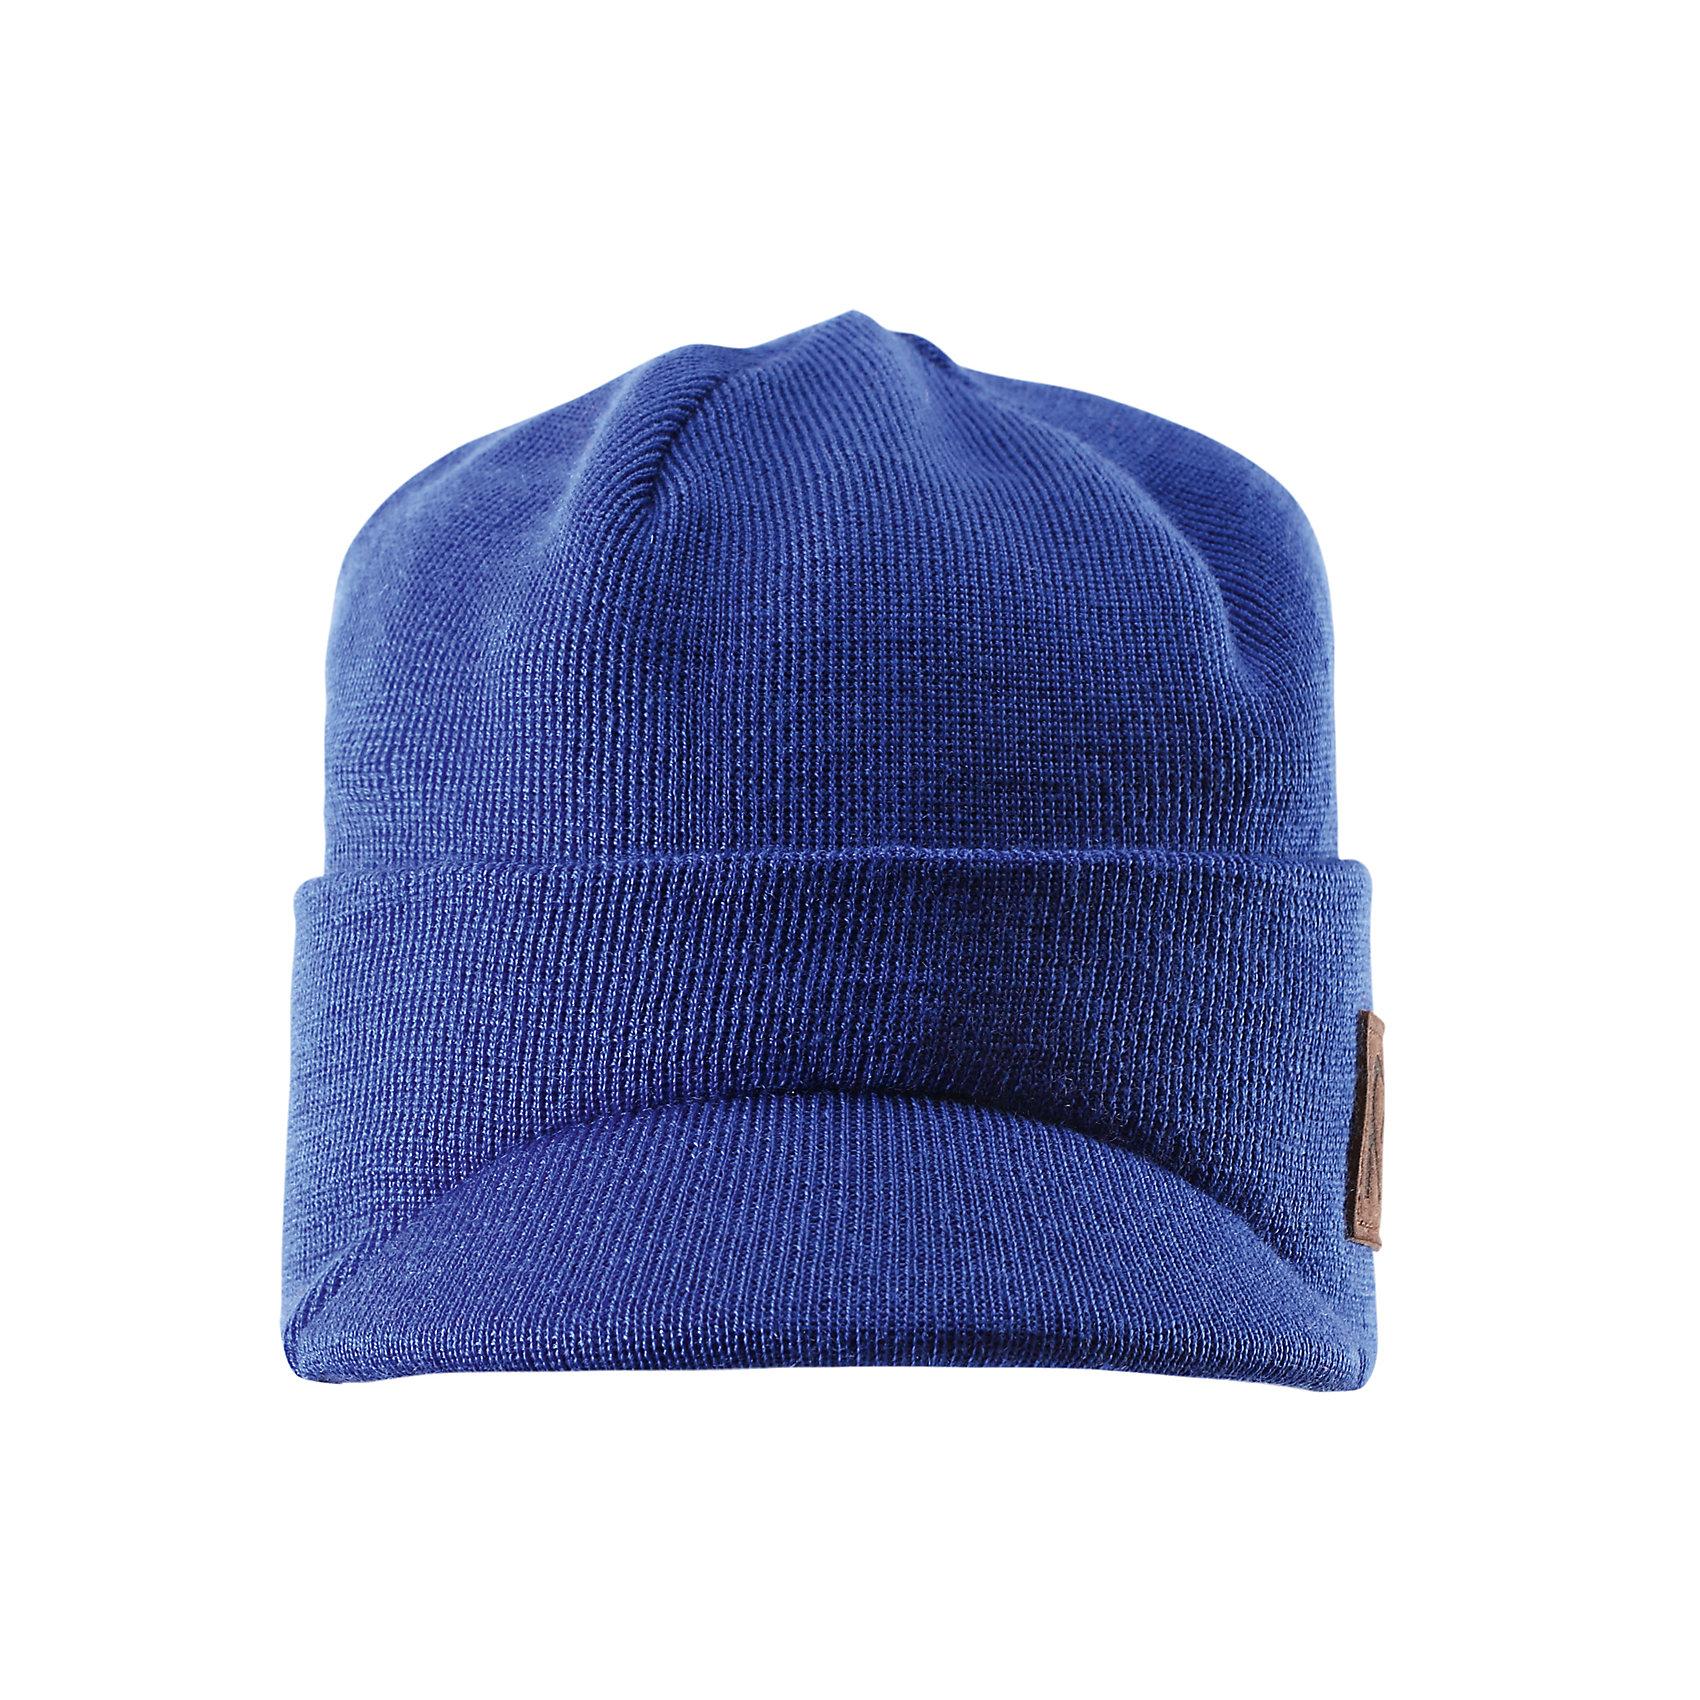 Шапка для мальчика ReimaШапки и шарфы<br>Эта модная зимняя шапочка-бини в непринуждённом стиле для детей и подростков связана из смеси тёплой шерсти. Она идеально подходит для поздней осени, когда начинает холодать. Зимой эту шапочку можно поддевать под более тёплую и толстую шапку-бини. Подкладка связана из того же материала, сочетающего разные виды шерсти. Ветронепроницаемые вставки в области ушей и стильный козырёк станут дополнительной защитой. Может эта шапочка-бини станет вашей любимой этой осенью?<br><br>Дополнительная информация:<br><br>Материал: 5-% шерсть, 50% акрил<br>Шапочка-бини для детей и подростков связана из сочетания разных видов тёплой шерсти<br>Полностью на подкладке из того же материала<br>Стильный защитный козырёк<br>Ветронепроницаемые вставки в области ушей<br><br>Шапку для мальчика Reima (Рейма) можно купить в нашем магазине.<br><br>Ширина мм: 89<br>Глубина мм: 117<br>Высота мм: 44<br>Вес г: 155<br>Цвет: синий<br>Возраст от месяцев: 96<br>Возраст до месяцев: 120<br>Пол: Мужской<br>Возраст: Детский<br>Размер: 56,54,52,50<br>SKU: 4417119